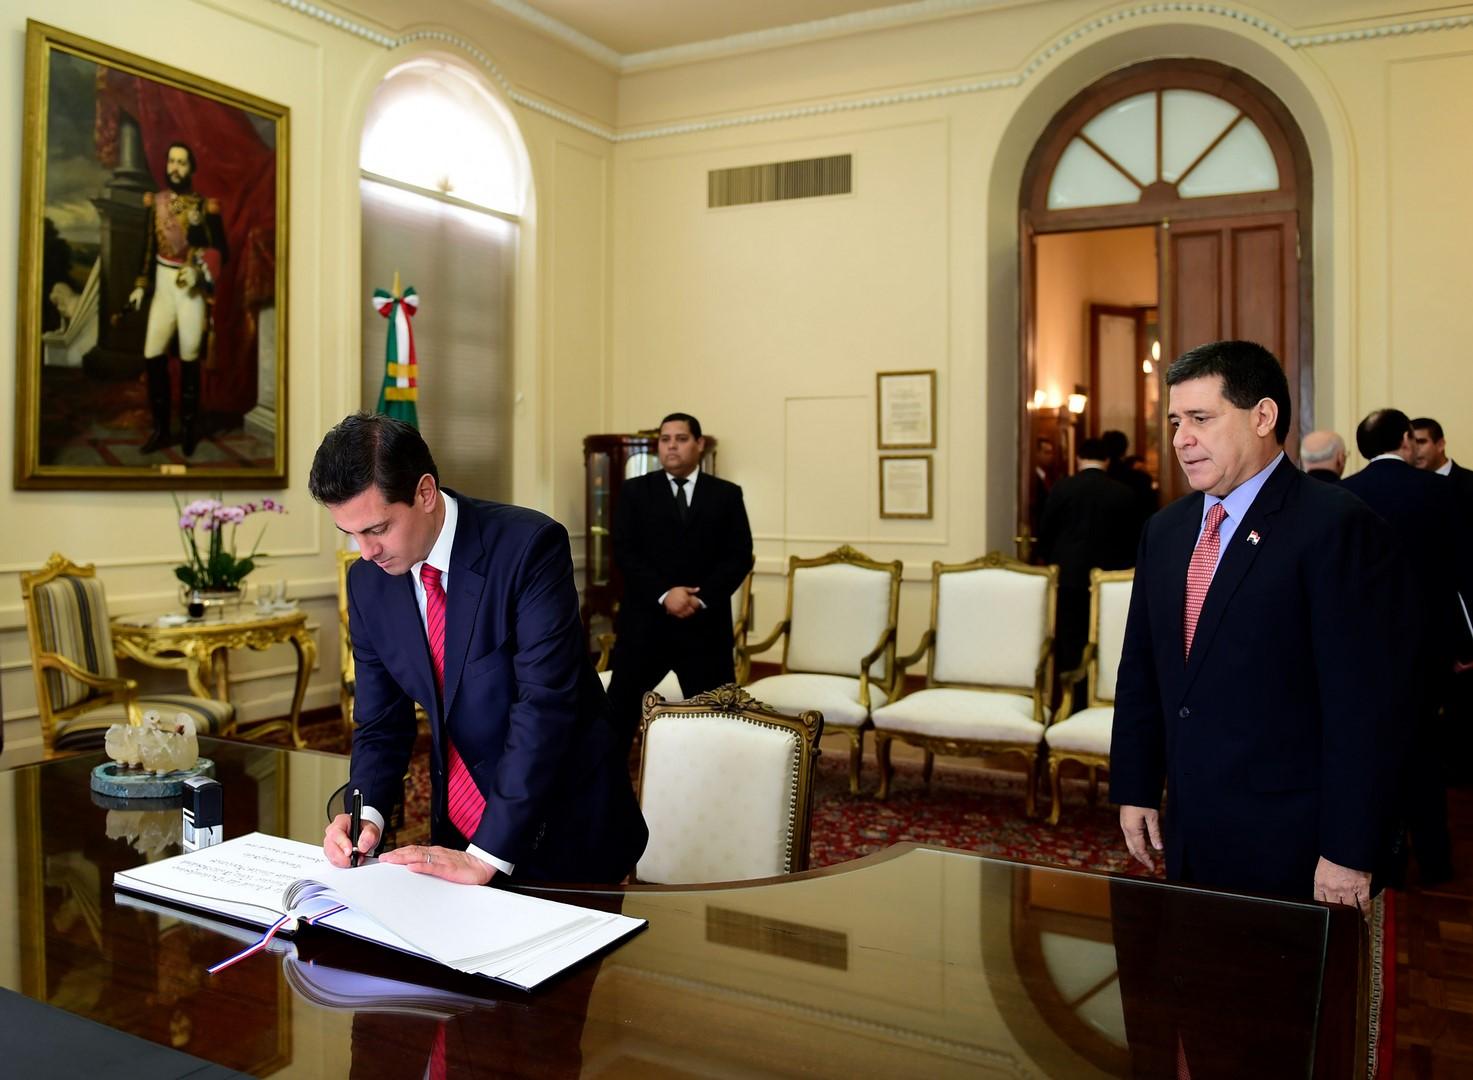 México está dispuesto a reforzar lazos con Paraguay, anuncia EPN